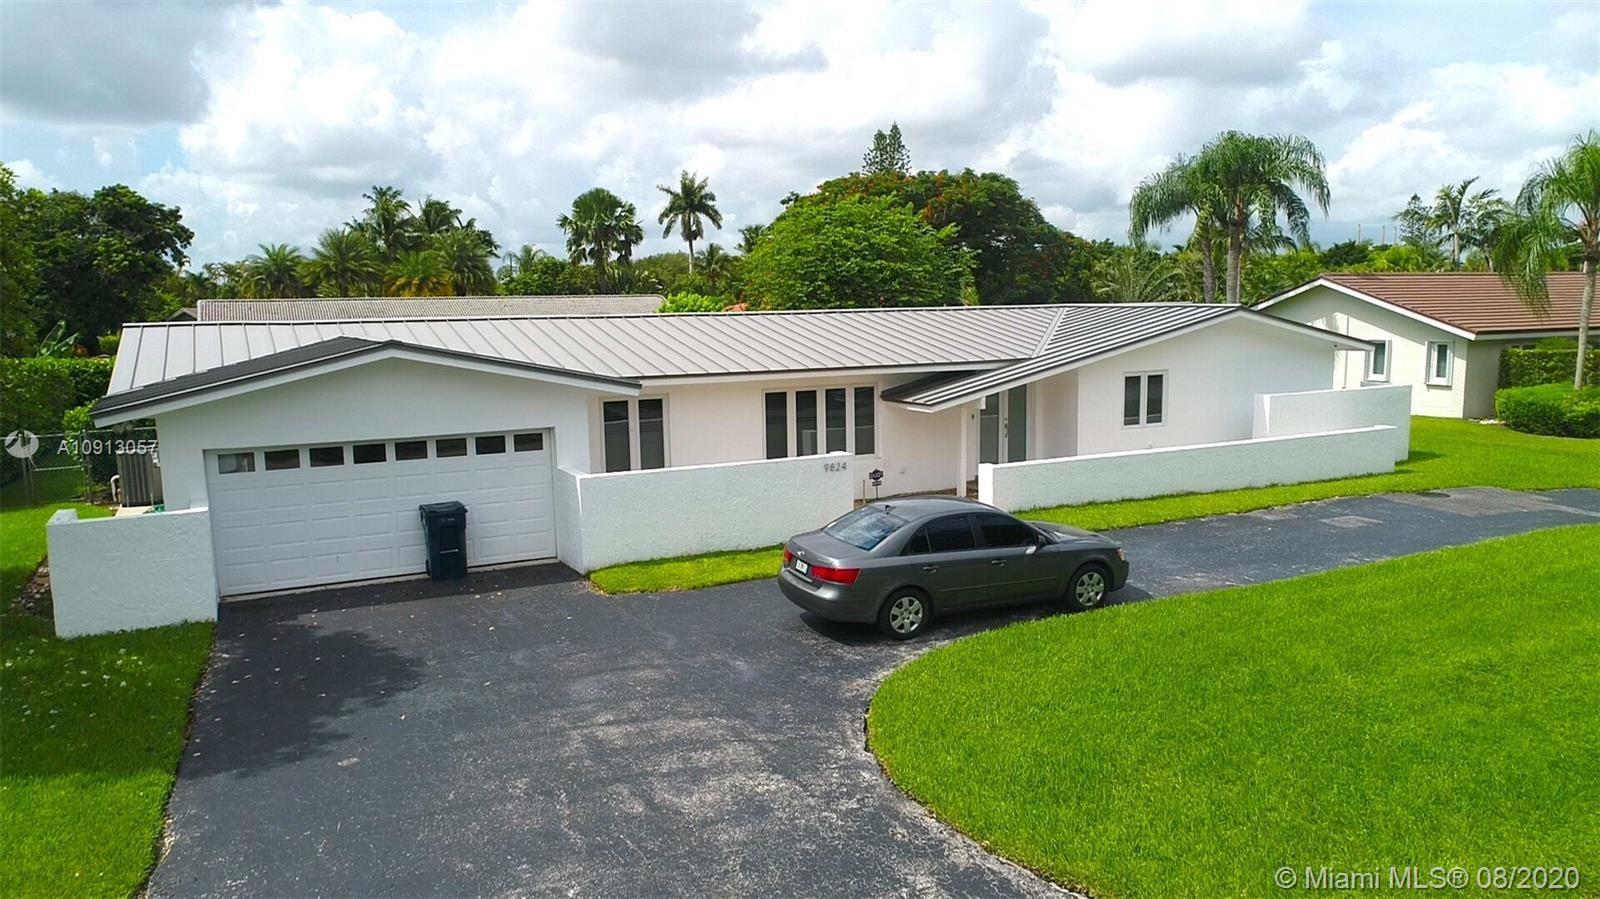 9824 SW 124th Ter, Miami, FL 33176 - #: A10913057